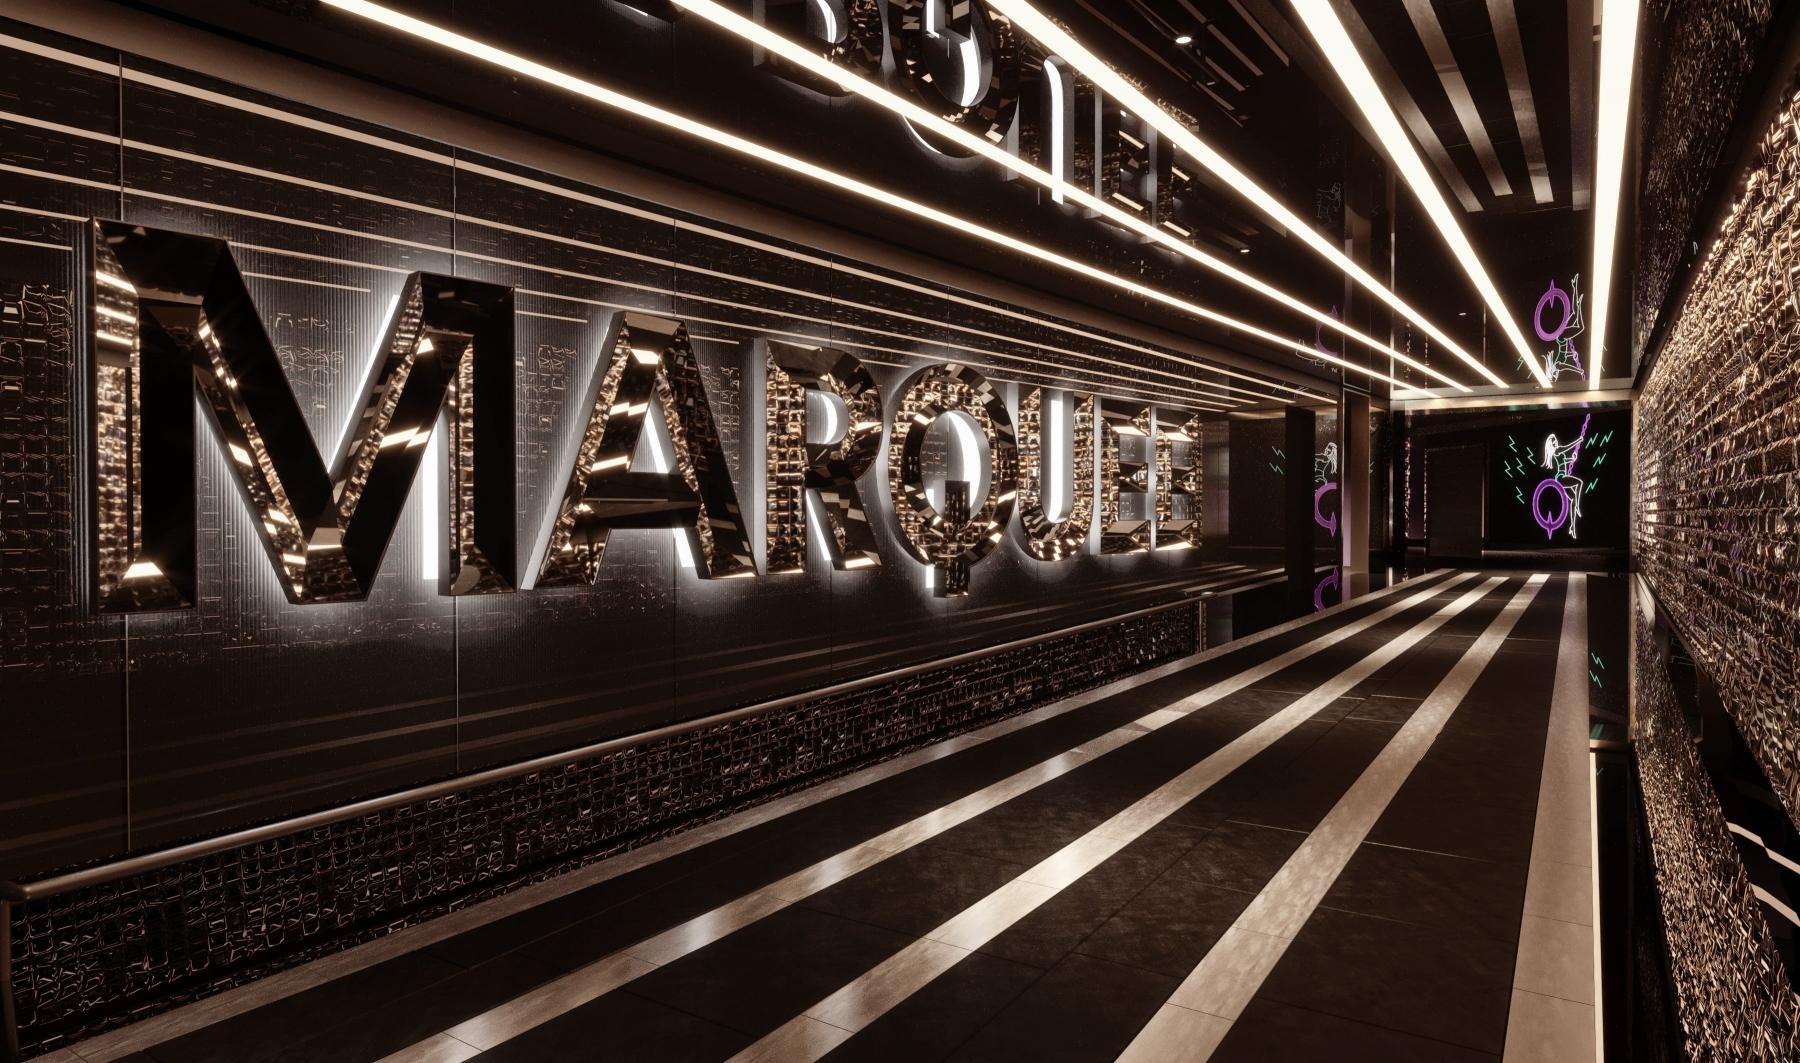 MARQUEE Singapura akan segera dibuka dengan grand opening yang meriah (dok. MARQUEE Singapura)